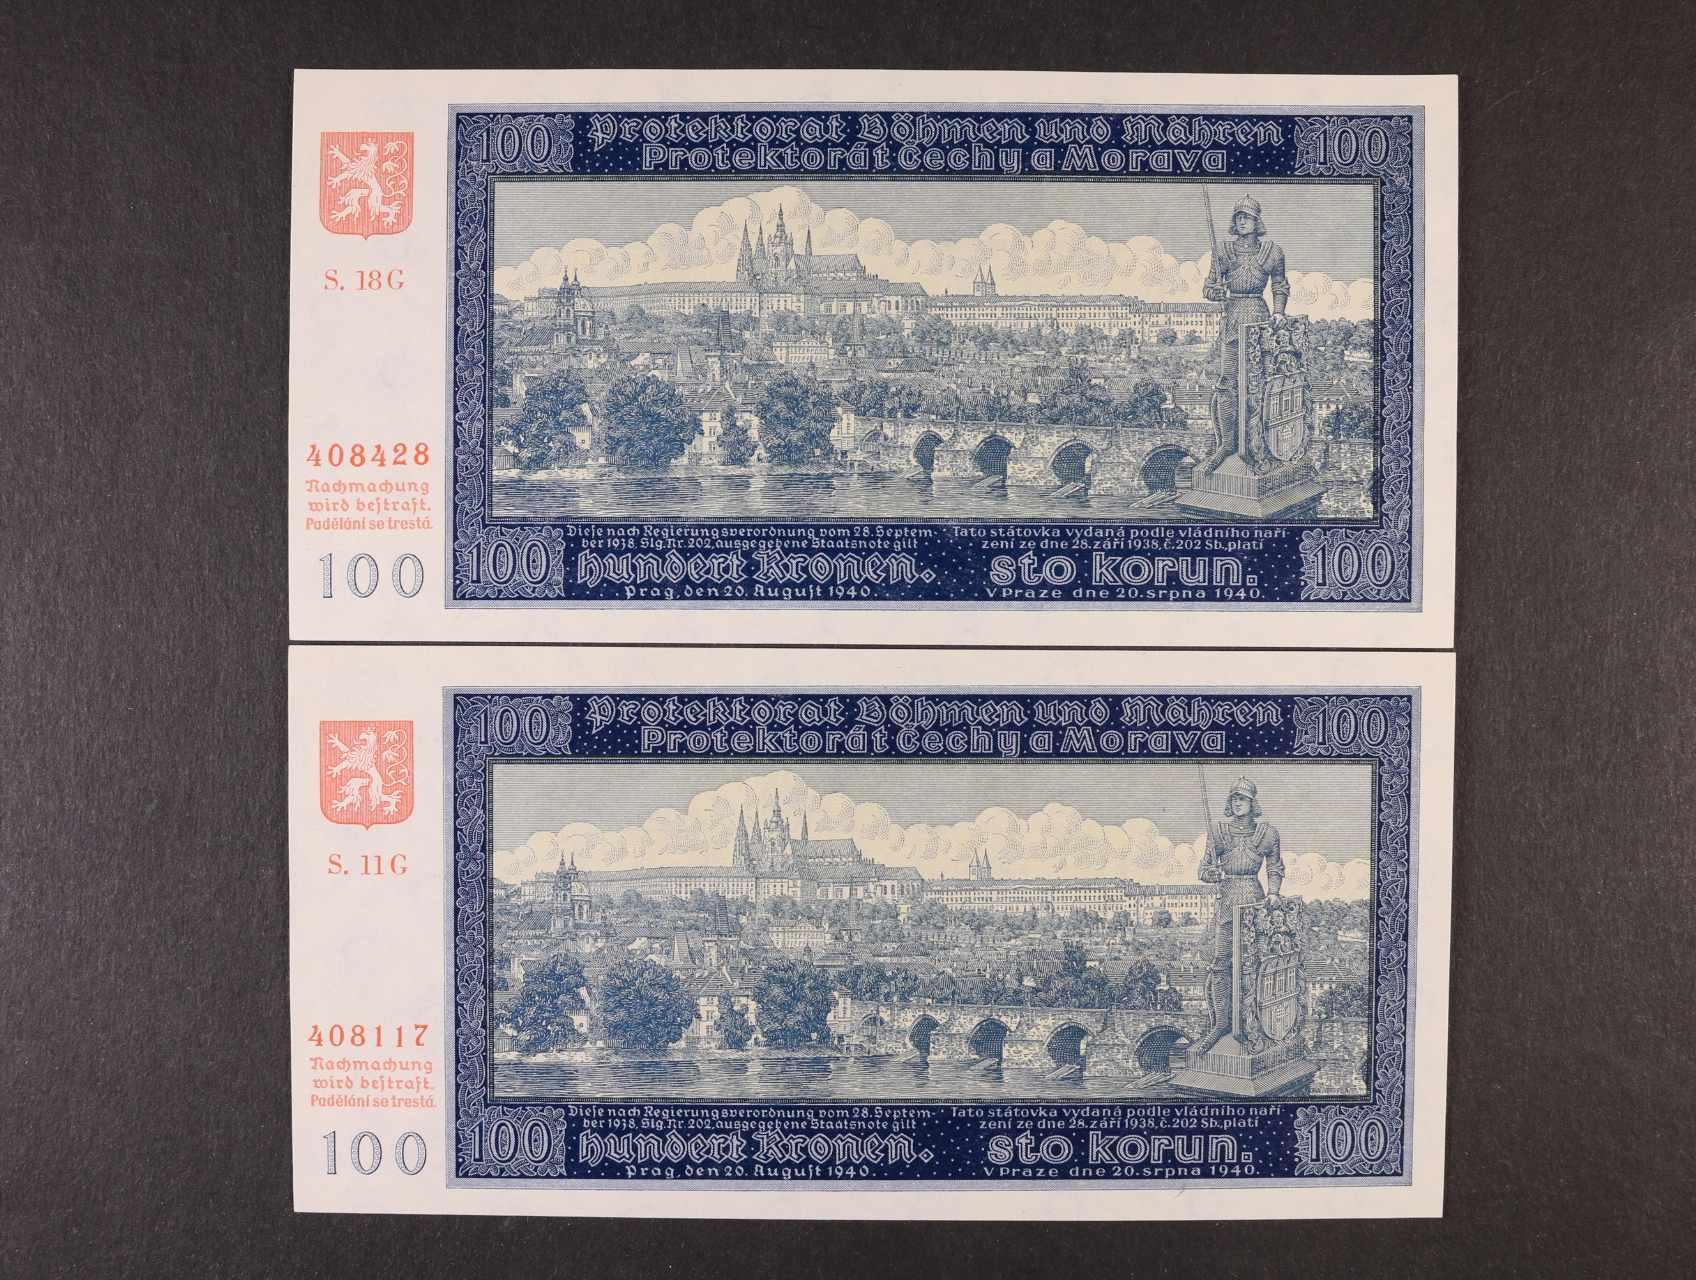 100 K 20.8.1940 II.vydání série 11 G, 18 G, Ba. 33a, Pi. 7a, 2ks